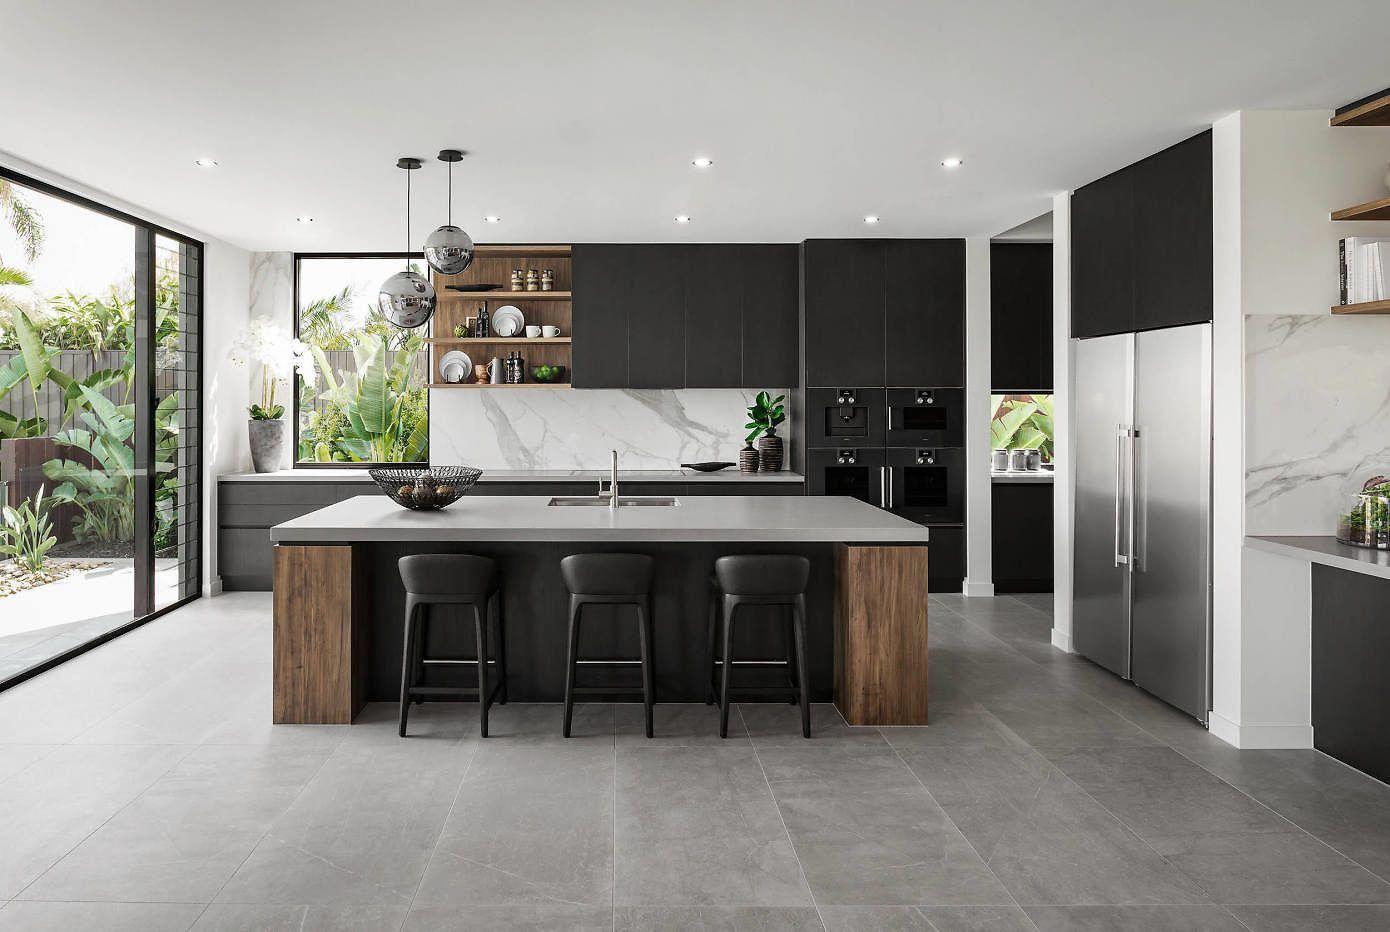 003 Riviera 65 Metricon Modernkitchen Home Decor Kitchen Contemporary Kitchen Modern Kitchen Design